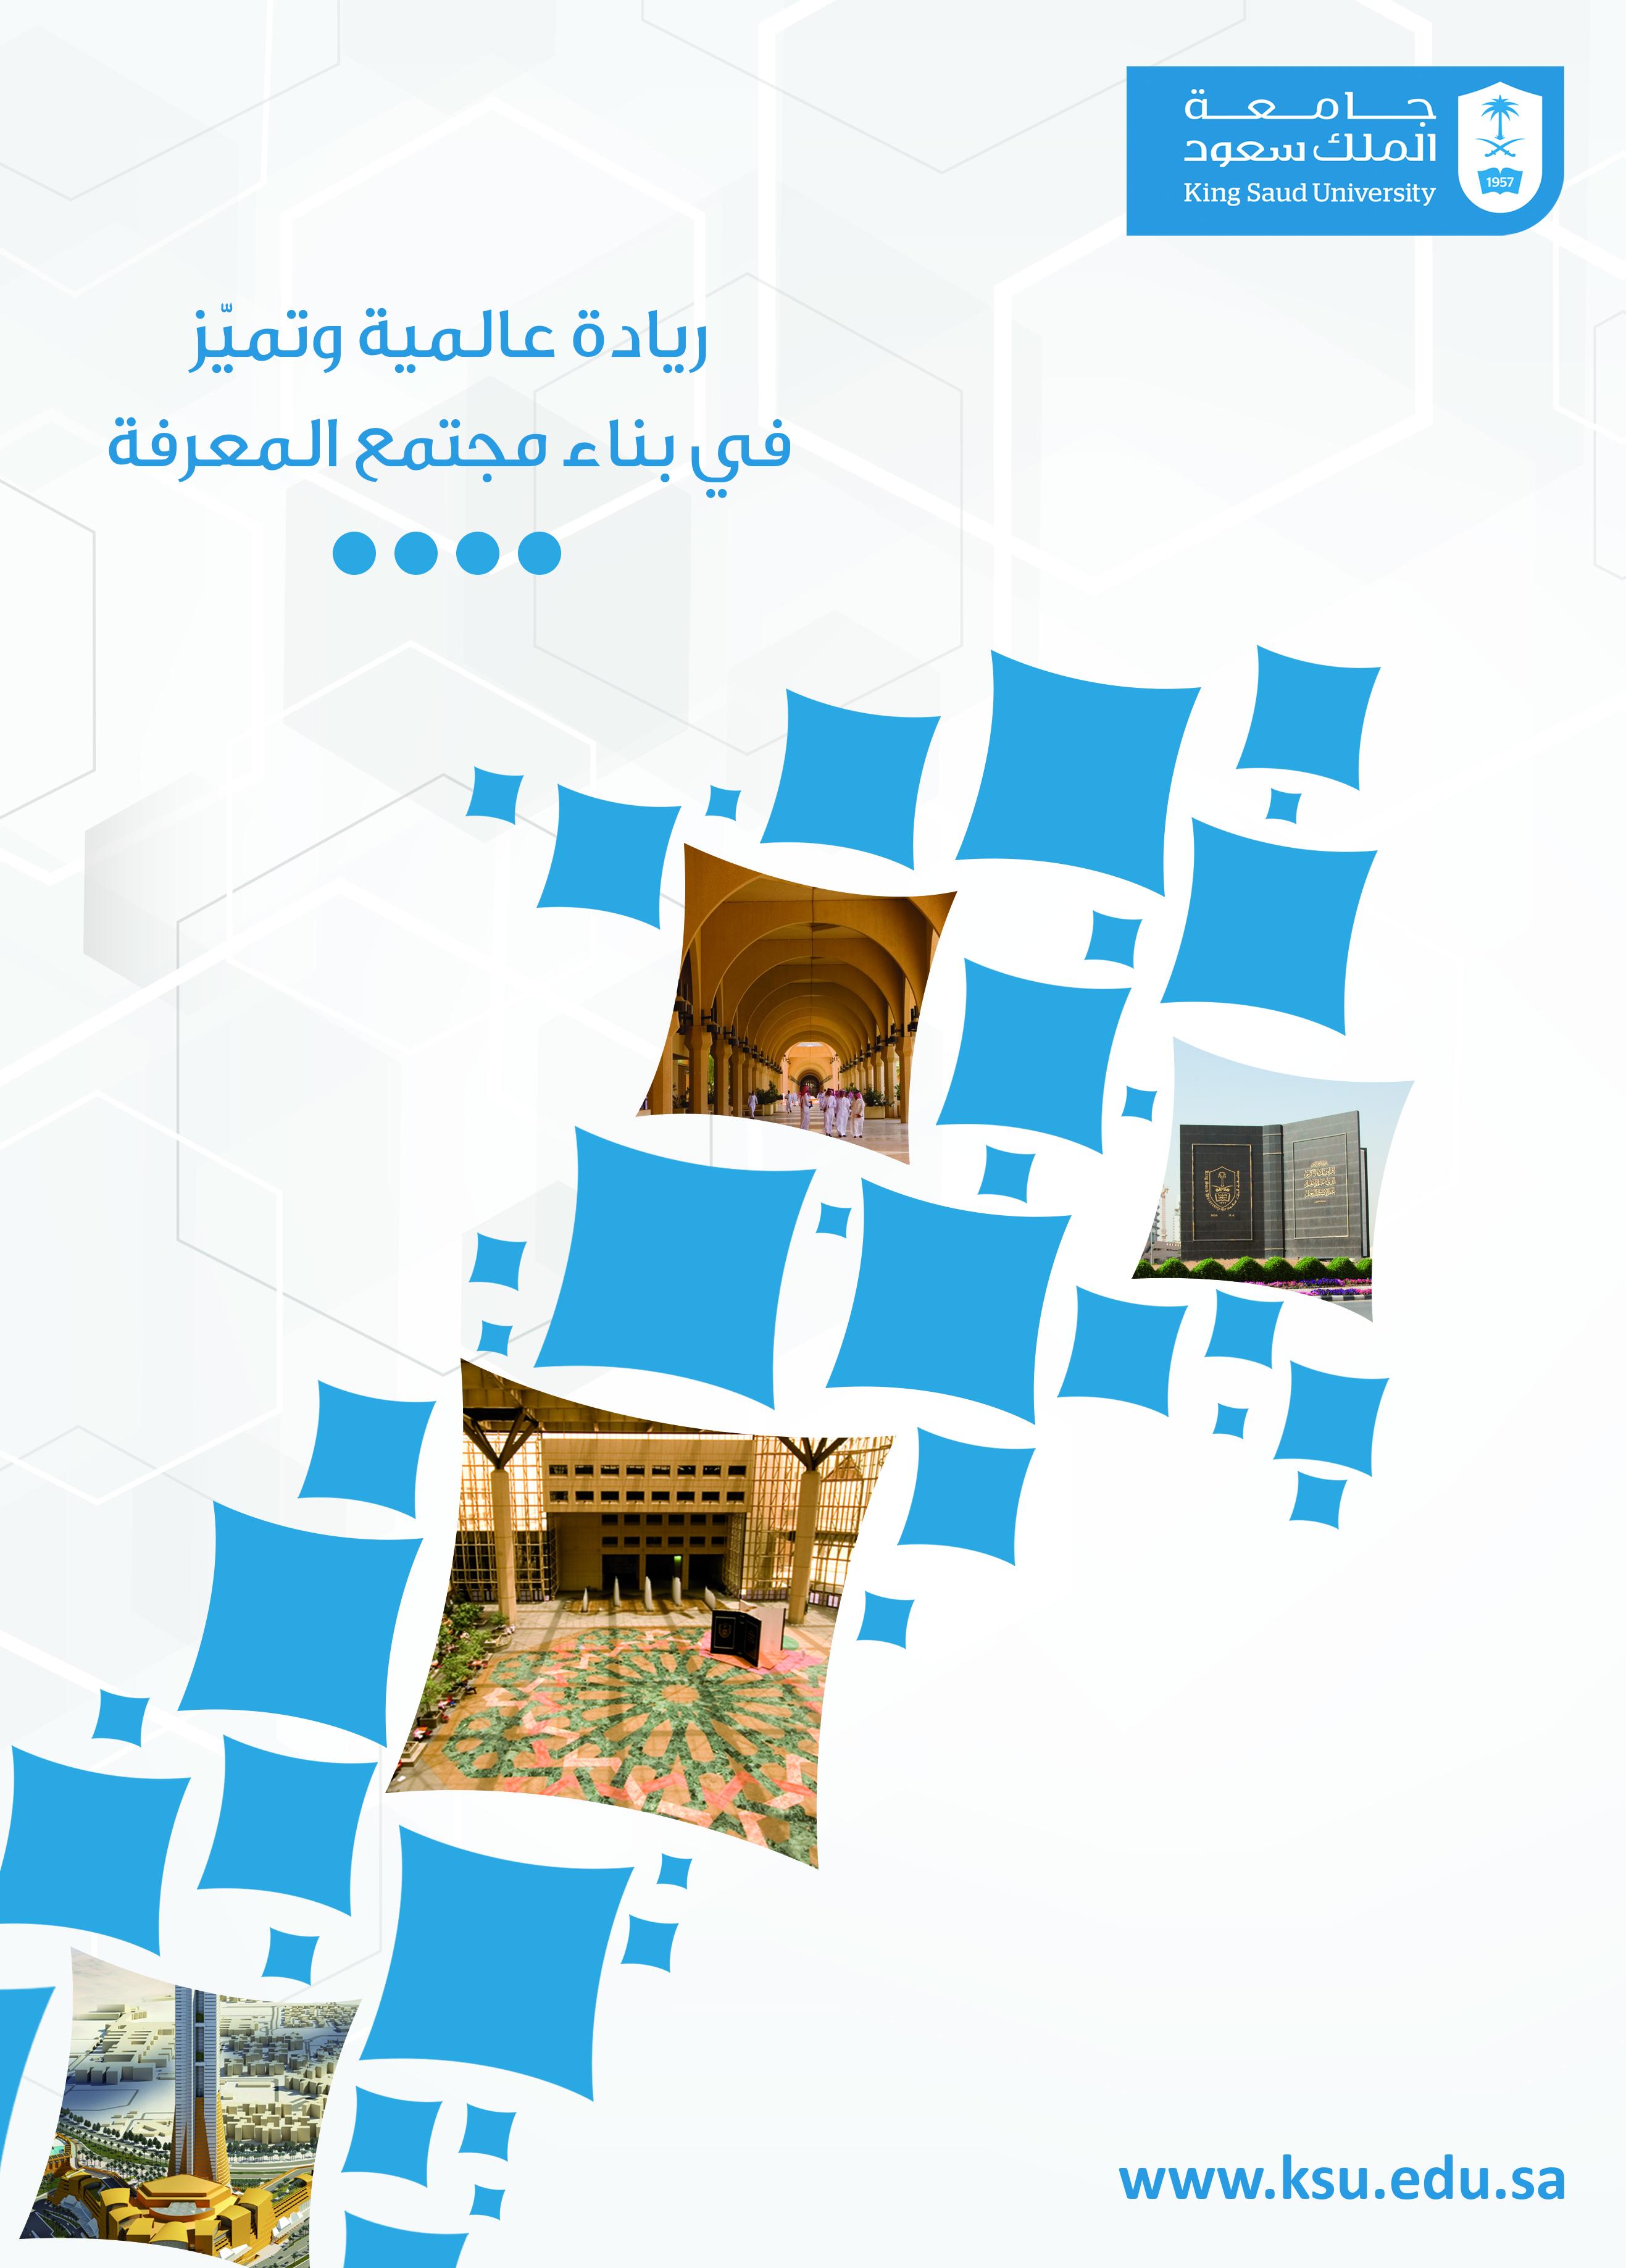 إدارة الإحصاء والمعلومات تصدر المطوية التعريفية (البروشور)